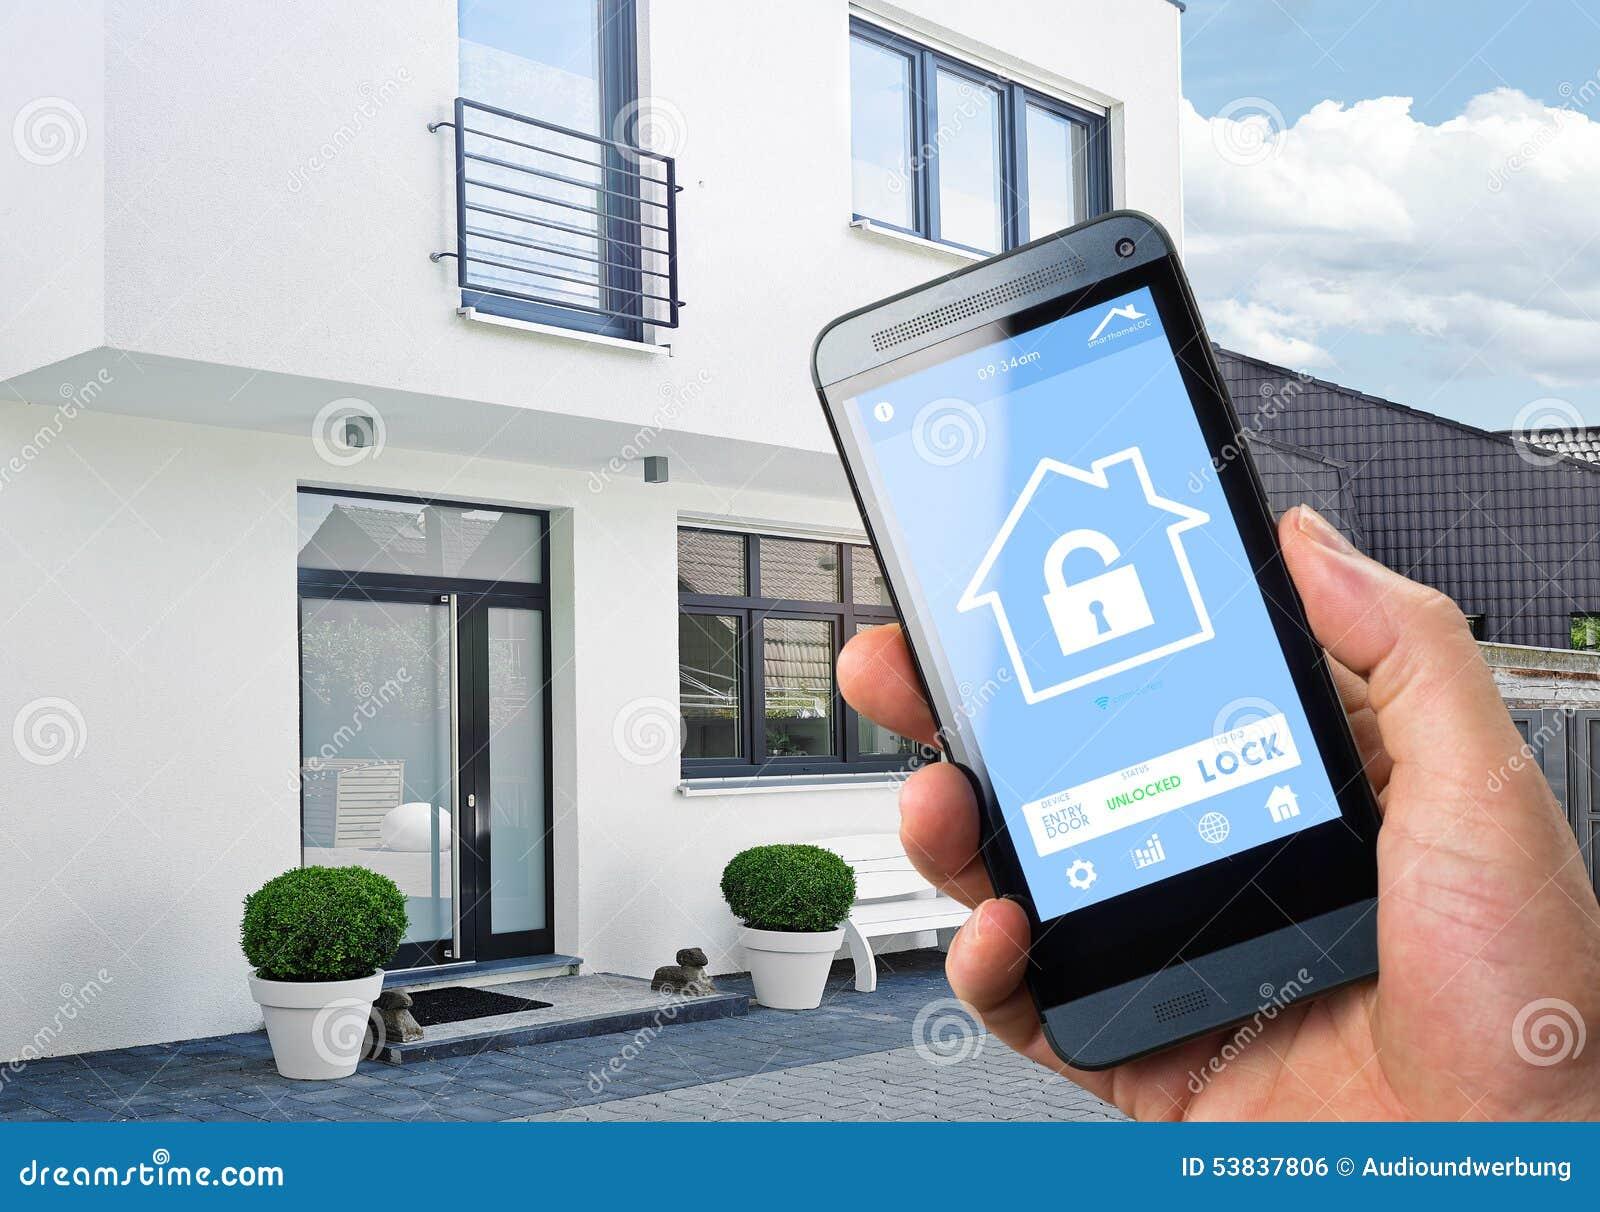 smart home device home control stock illustration image 53837806. Black Bedroom Furniture Sets. Home Design Ideas